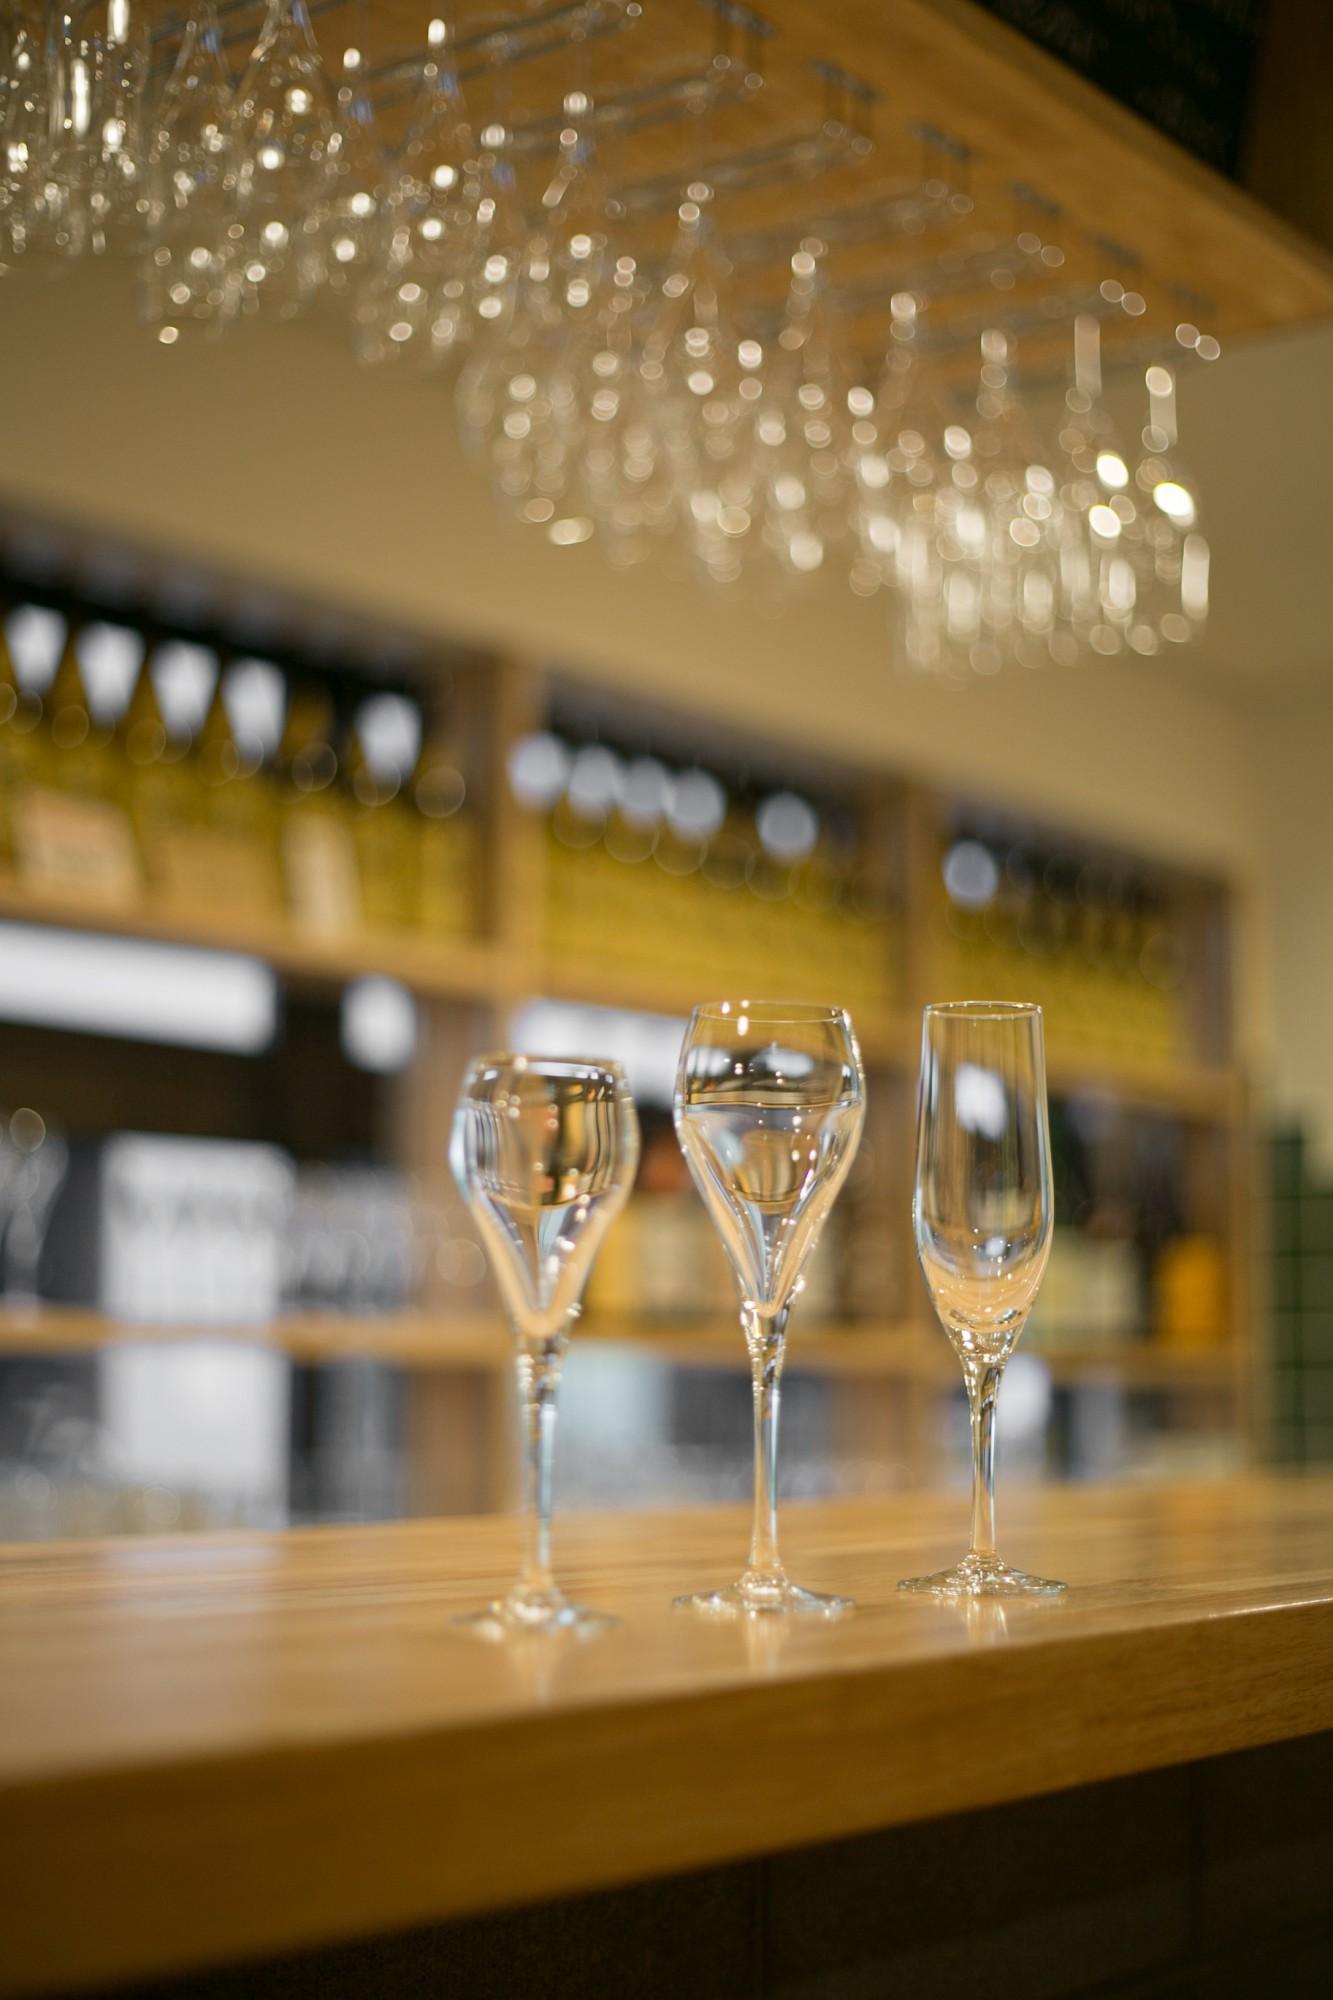 日本酒バルでは洋酒のグラスで一献。左から「飲み比べサイズ」「スタンダードサイズ」「お得サイズ」。